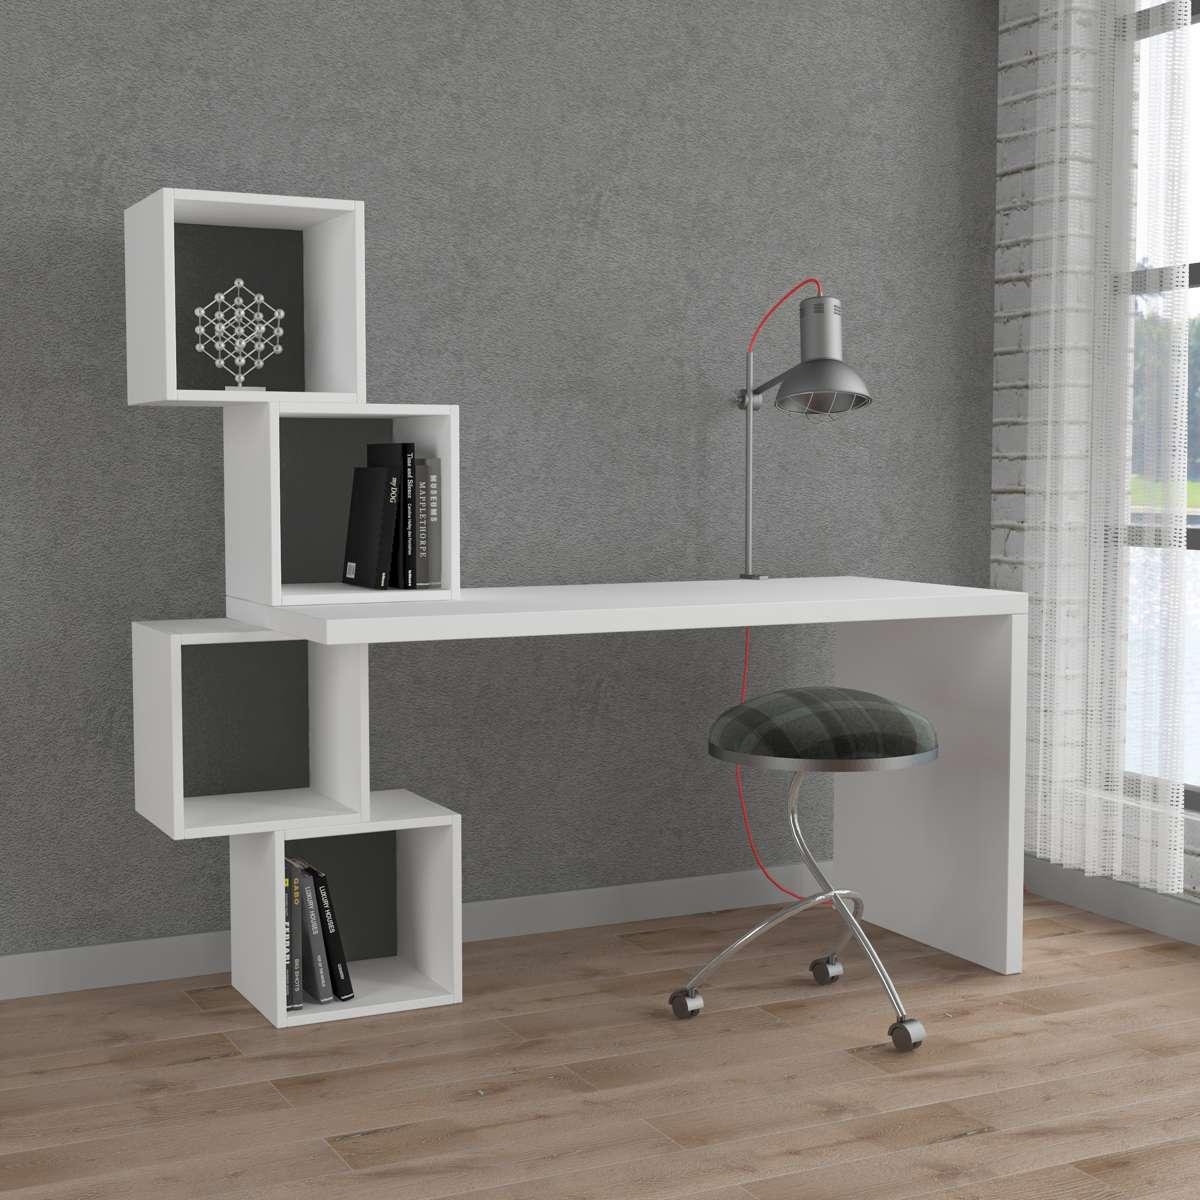 שולחן כתיבה Balance Working table לבן/אפור מסדרת Decoline